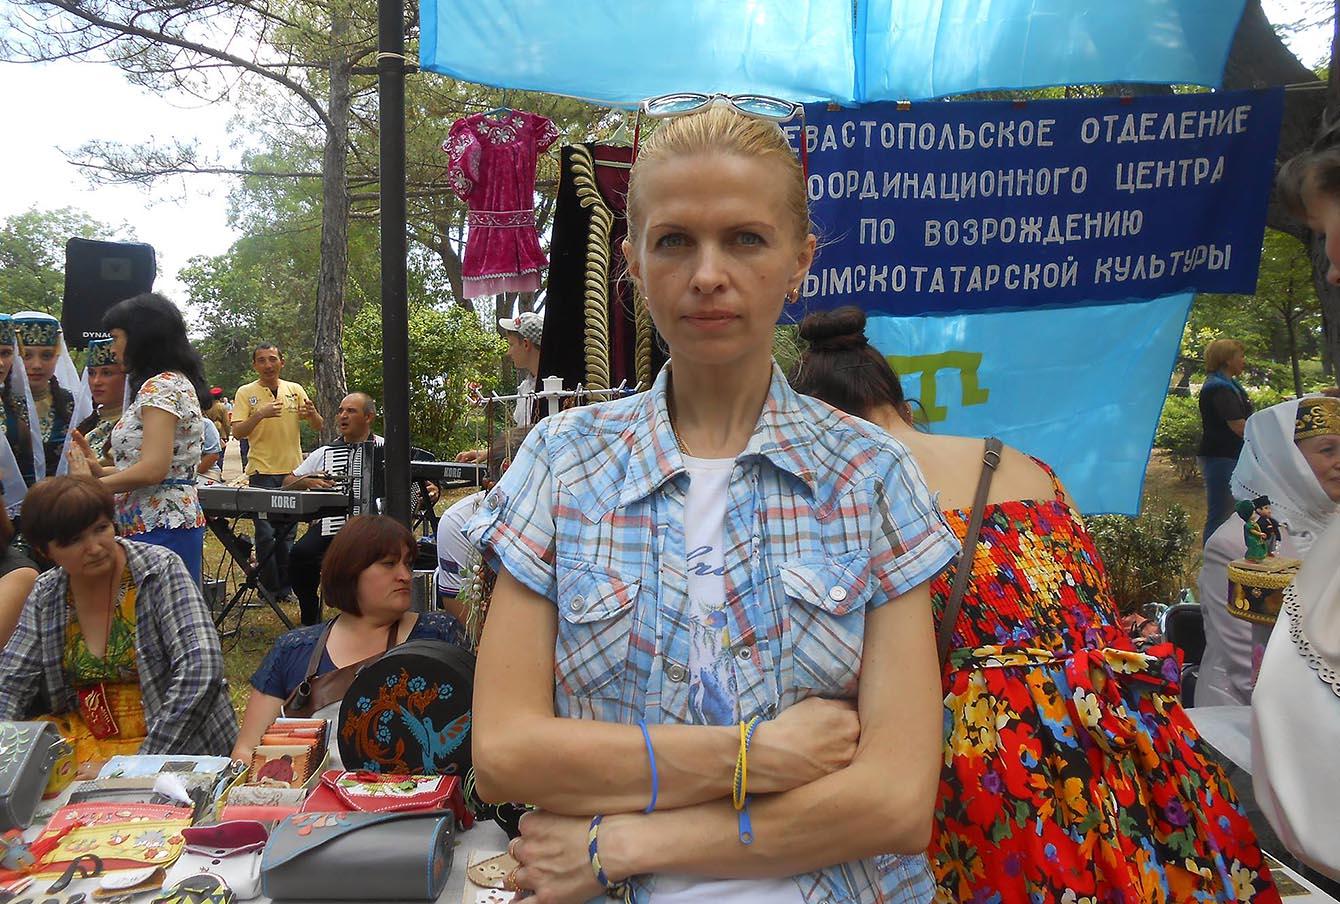 <!--:uk-->«Экстремистка» из Севастополя: «Они сказали, что не выпустят меня, пока я не напишу явку с повинной»<!--:--><!--:ru-->«Экстремистка» из Севастополя: «Они сказали, что не выпустят меня, пока я не напишу явку с повинной»<!--:-->